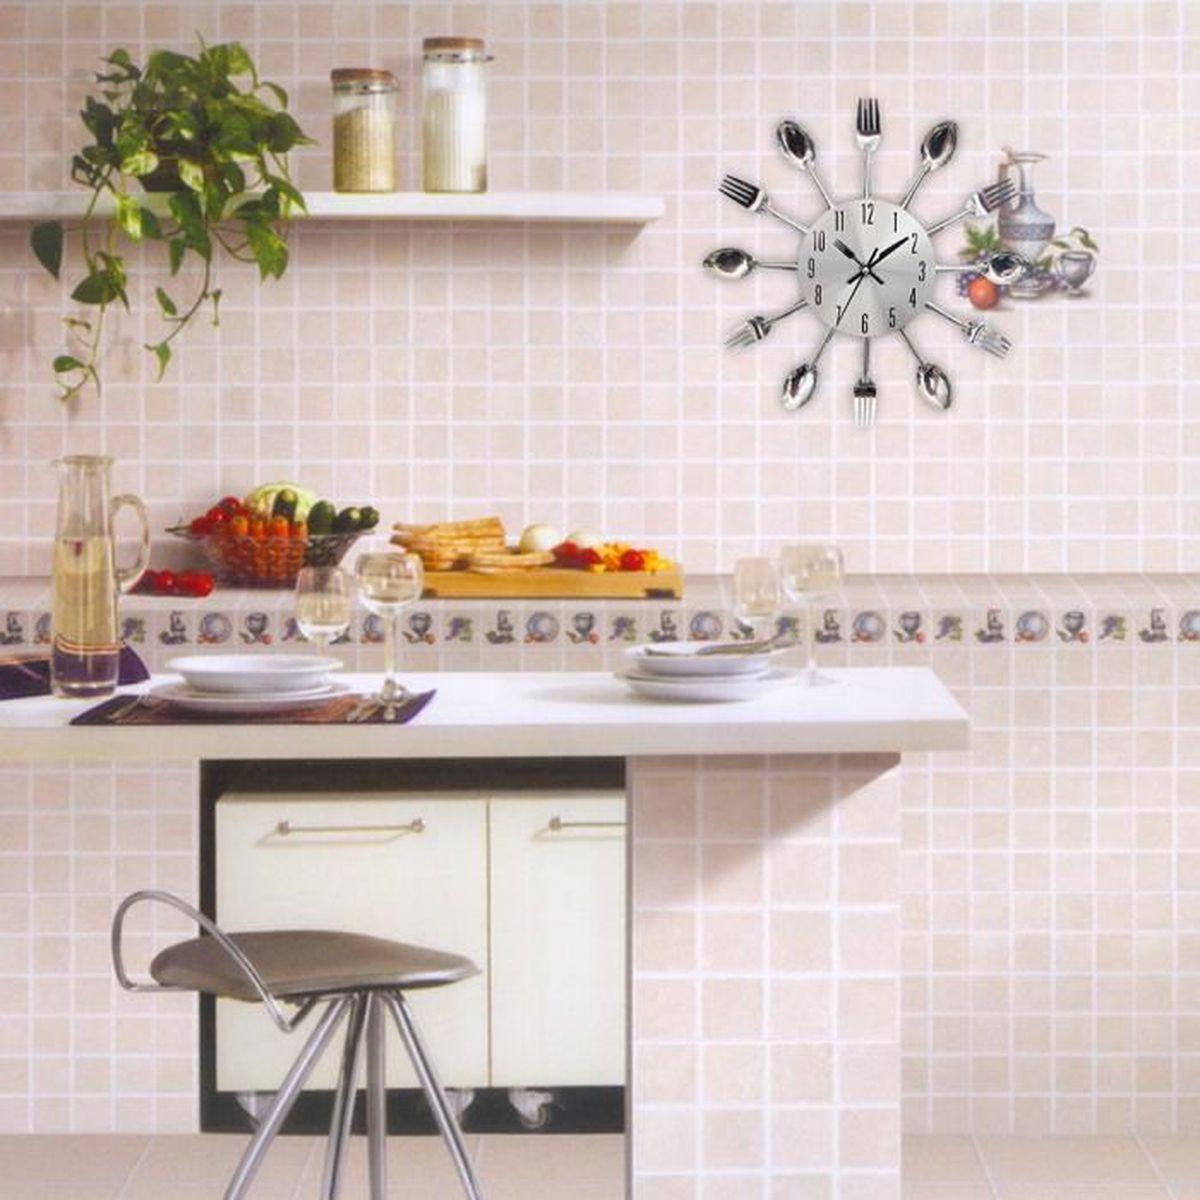 Horloge de cuisine effet miroir en forme de cuillère, fourchette